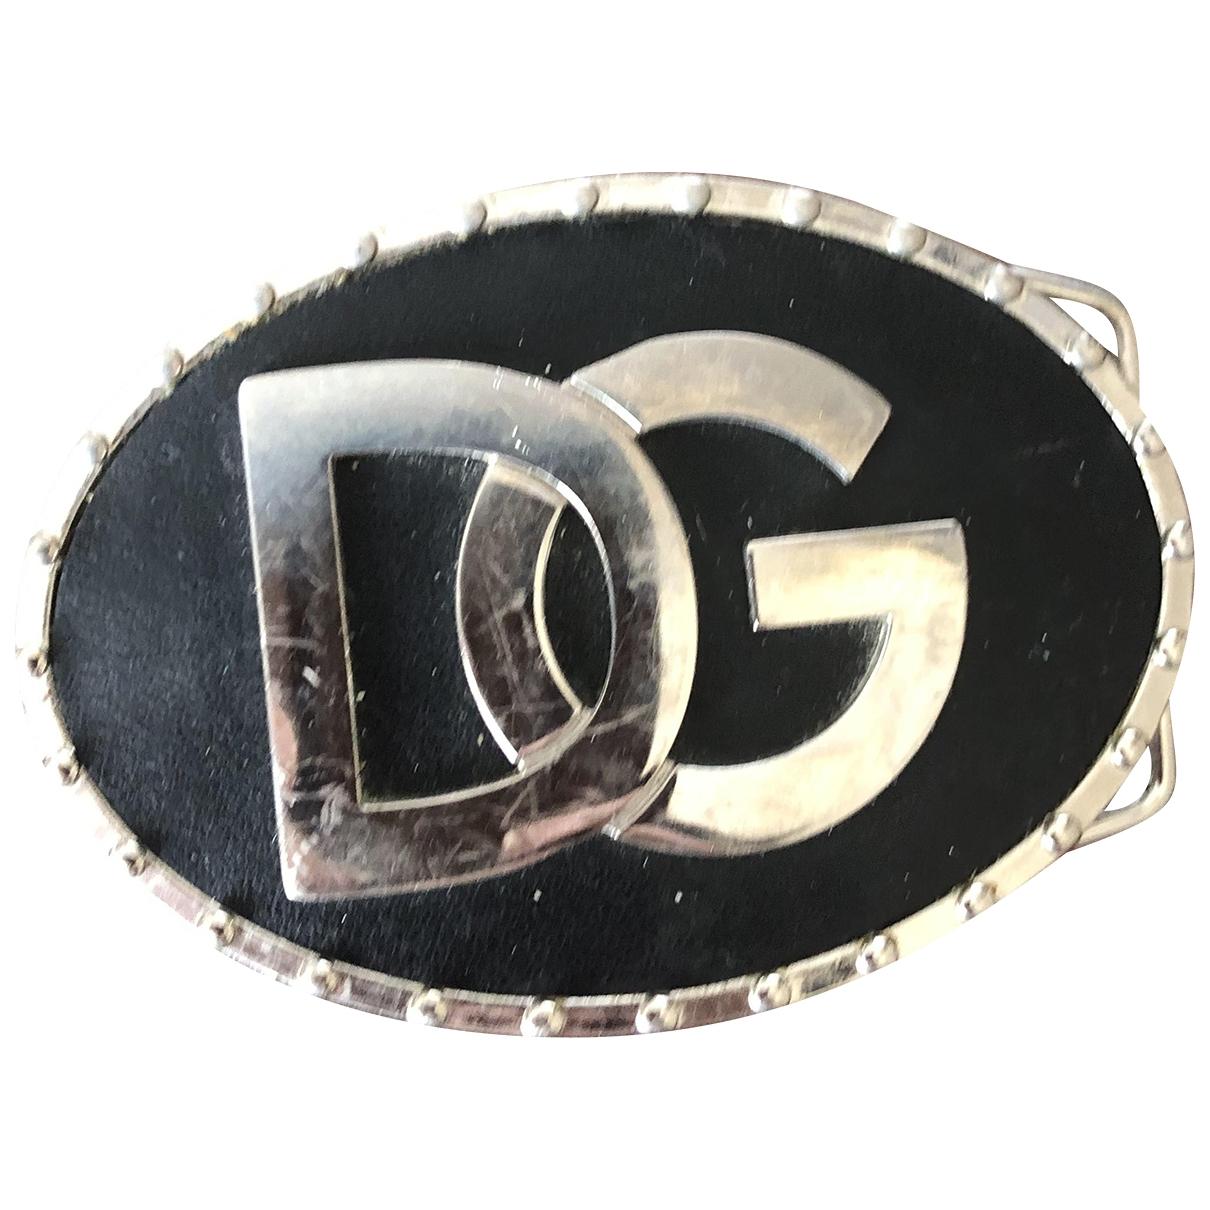 Cinturon D&g